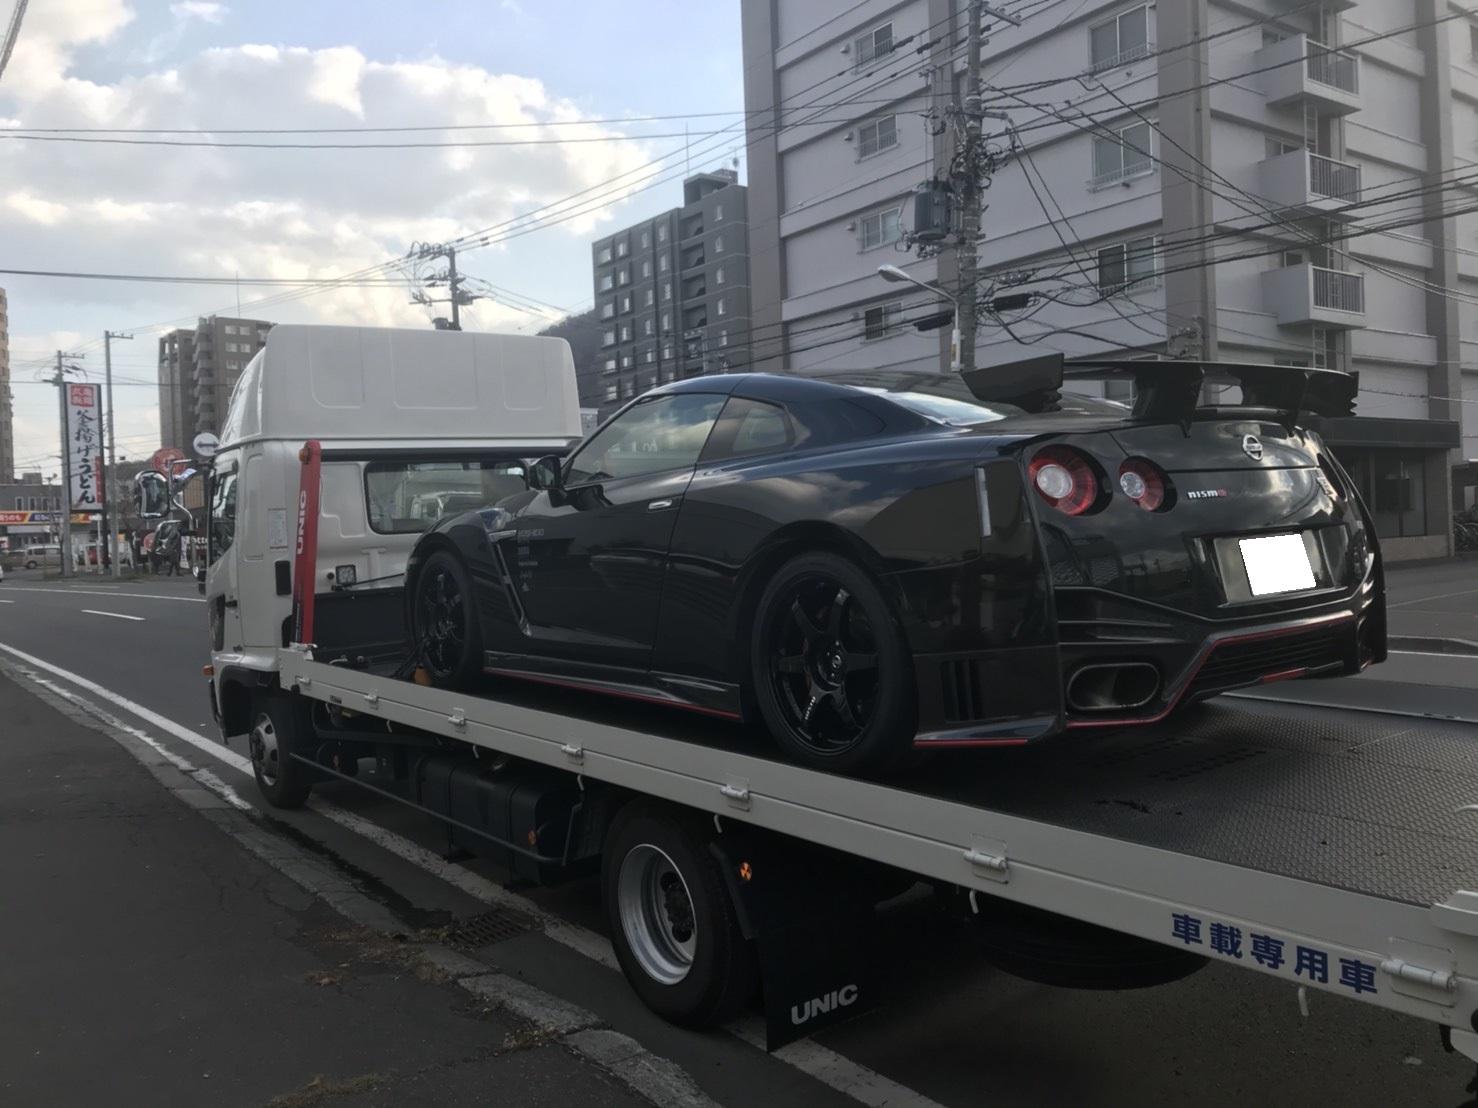 10月31日 ひとログTueヽ( 'ω' )ノ マクラーレン・GTR?!スーパーカーがTOMMYにやってきた!_b0127002_17392985.jpg